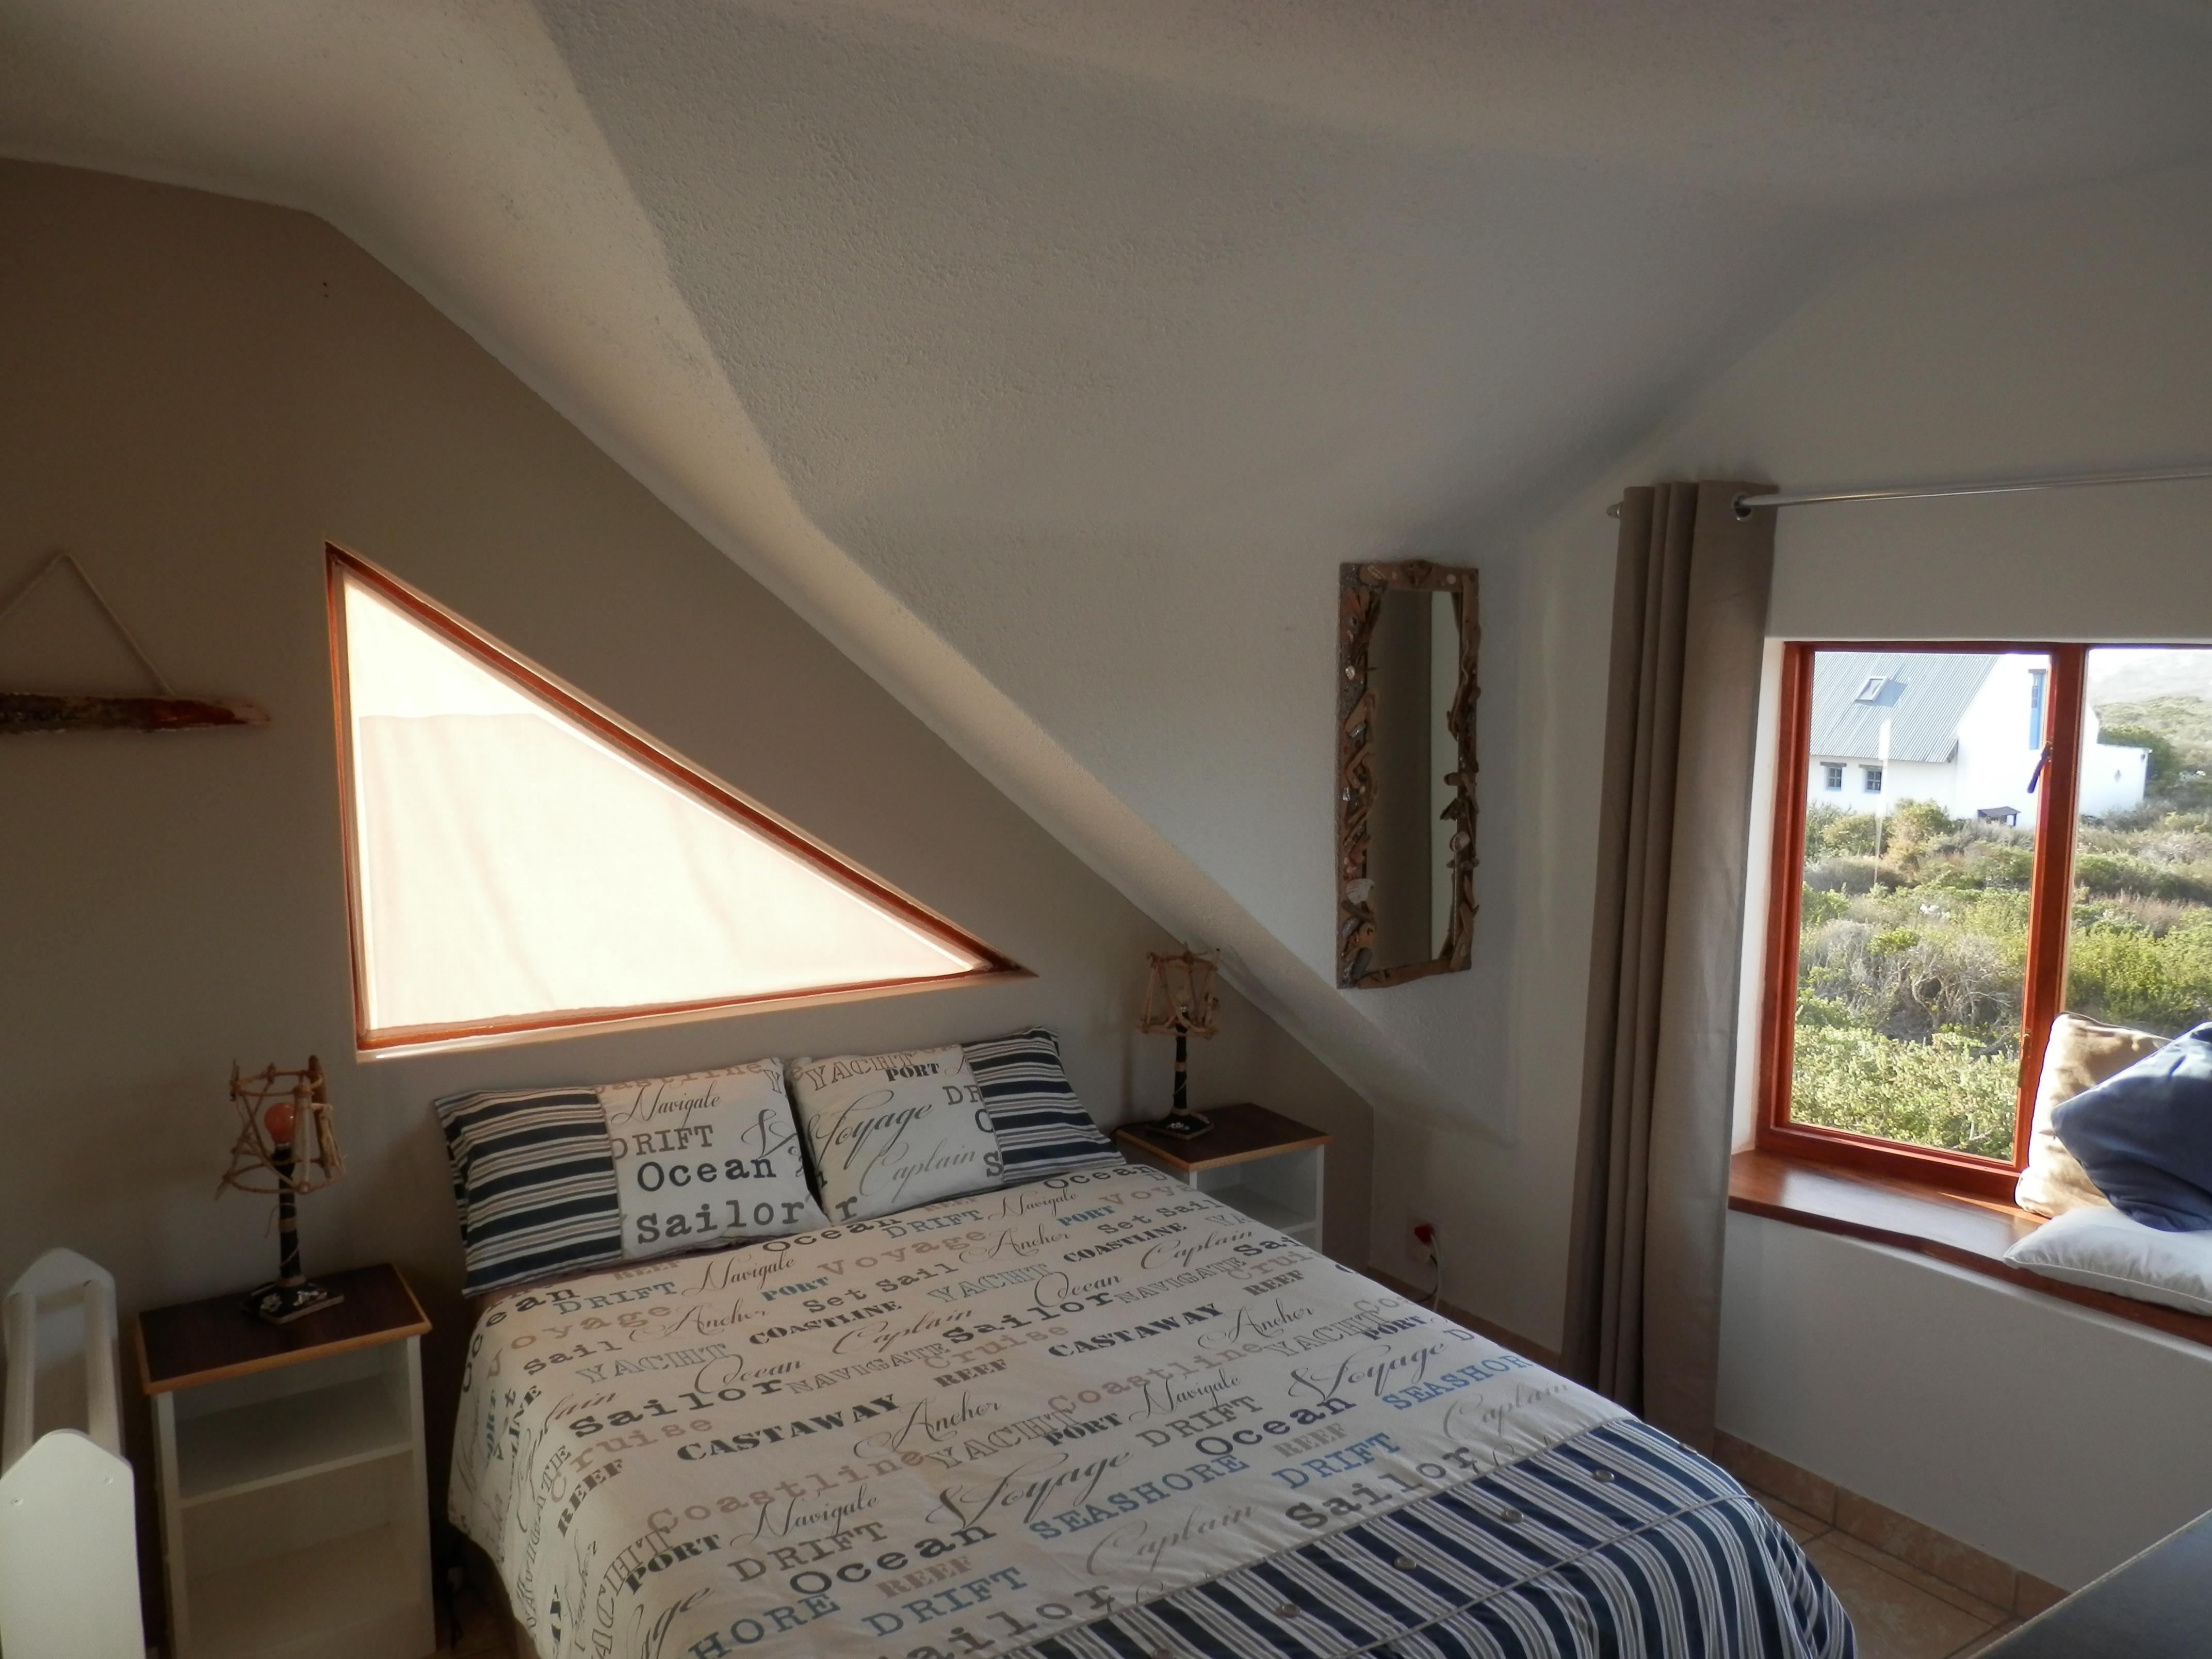 Samadhi Retreats Atlantic Beach Room